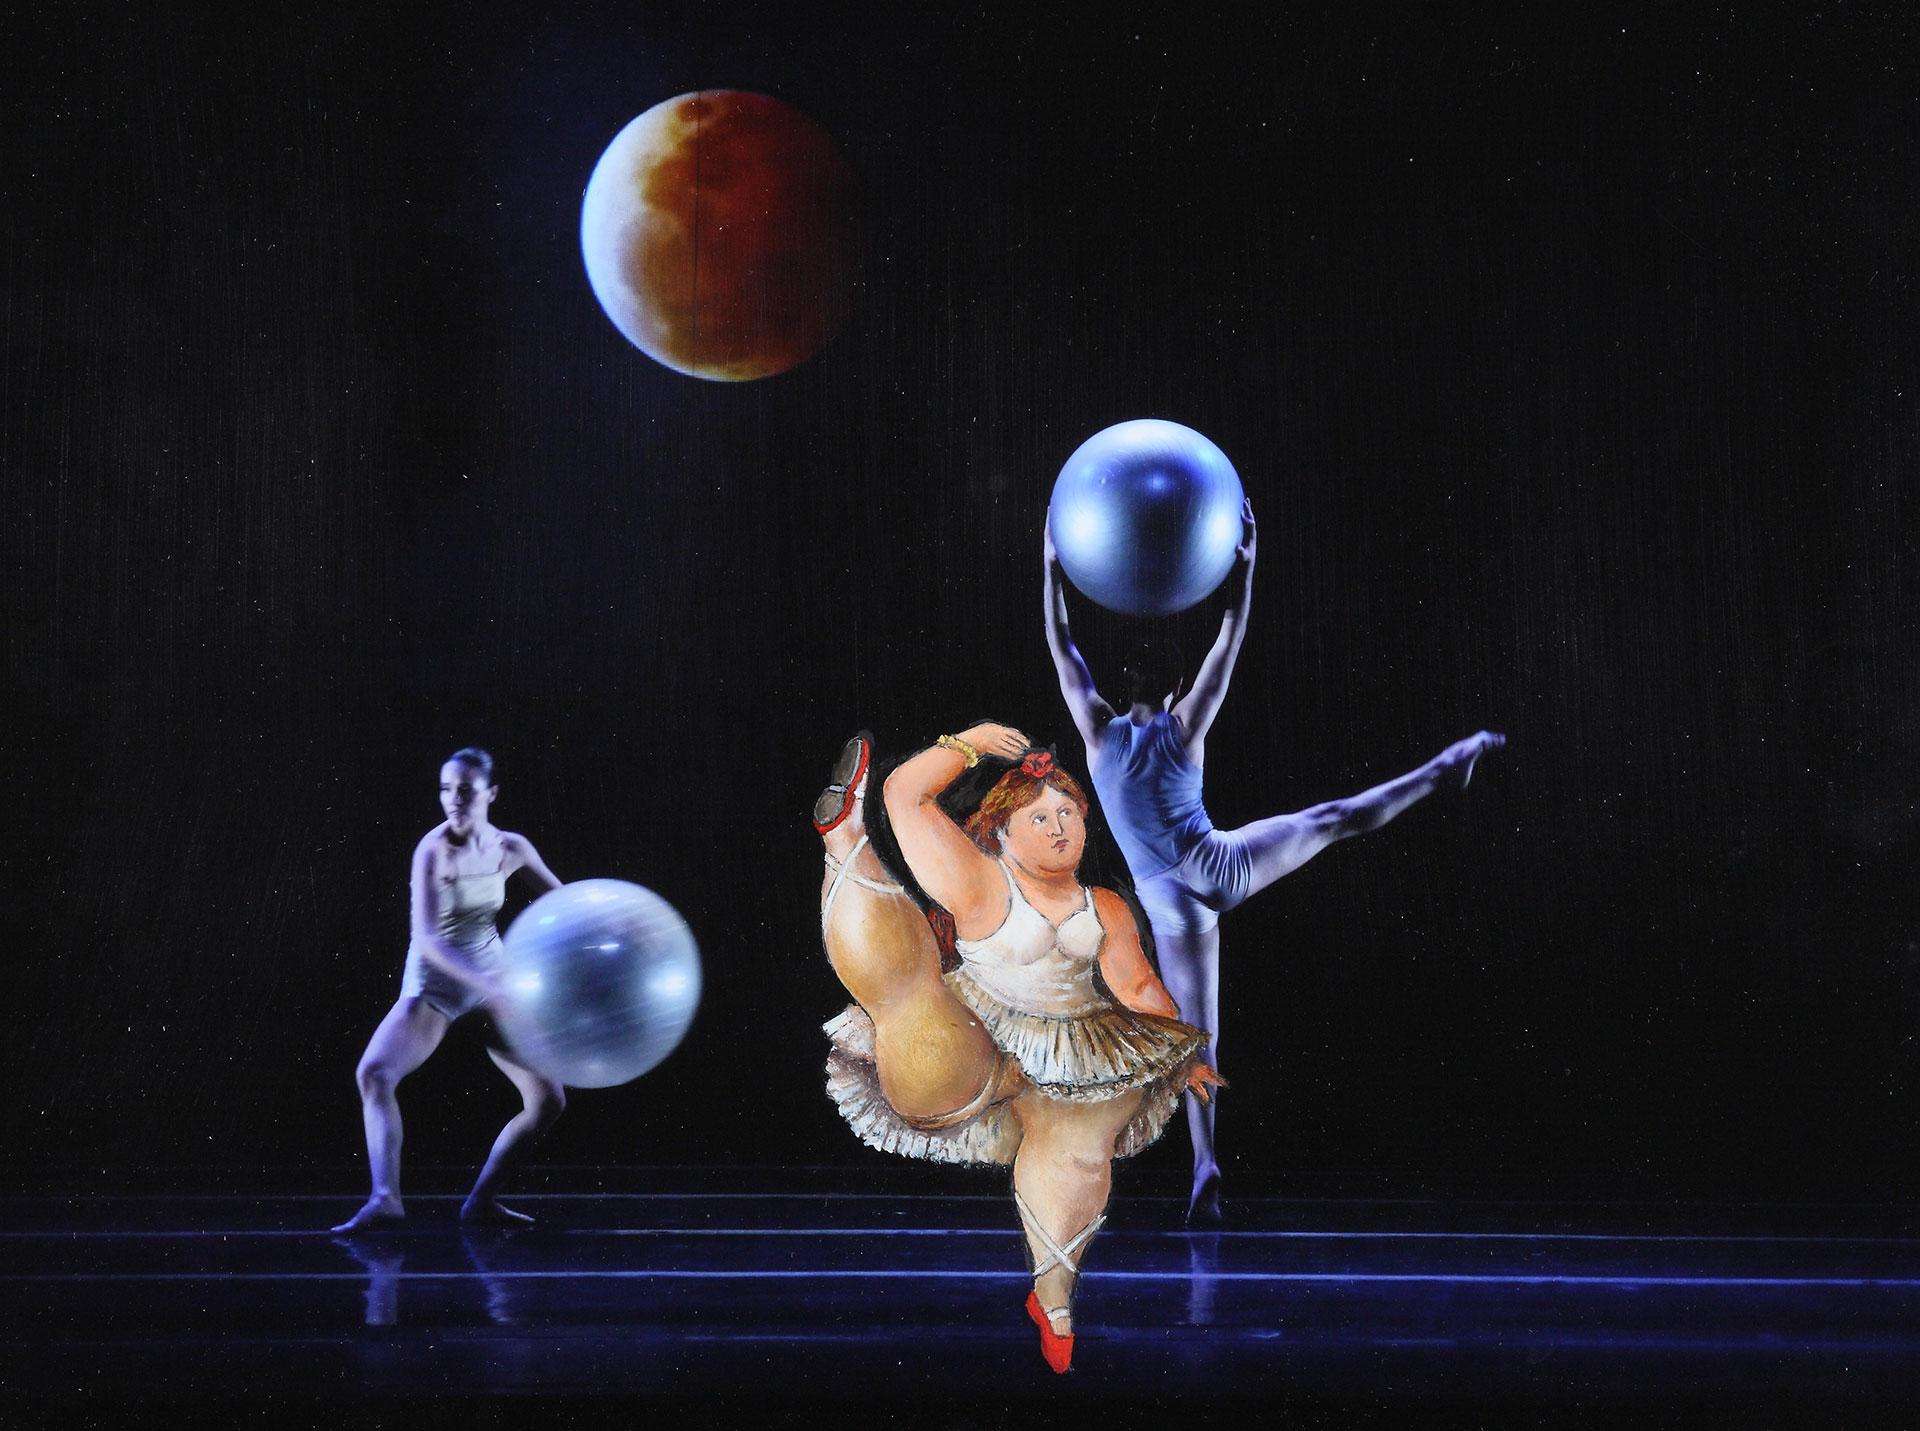 ADAGIO ASTRAL: La bailarina de Botero trata de imitar al bailarín y toma con seriedadla ejecución de la coreografía